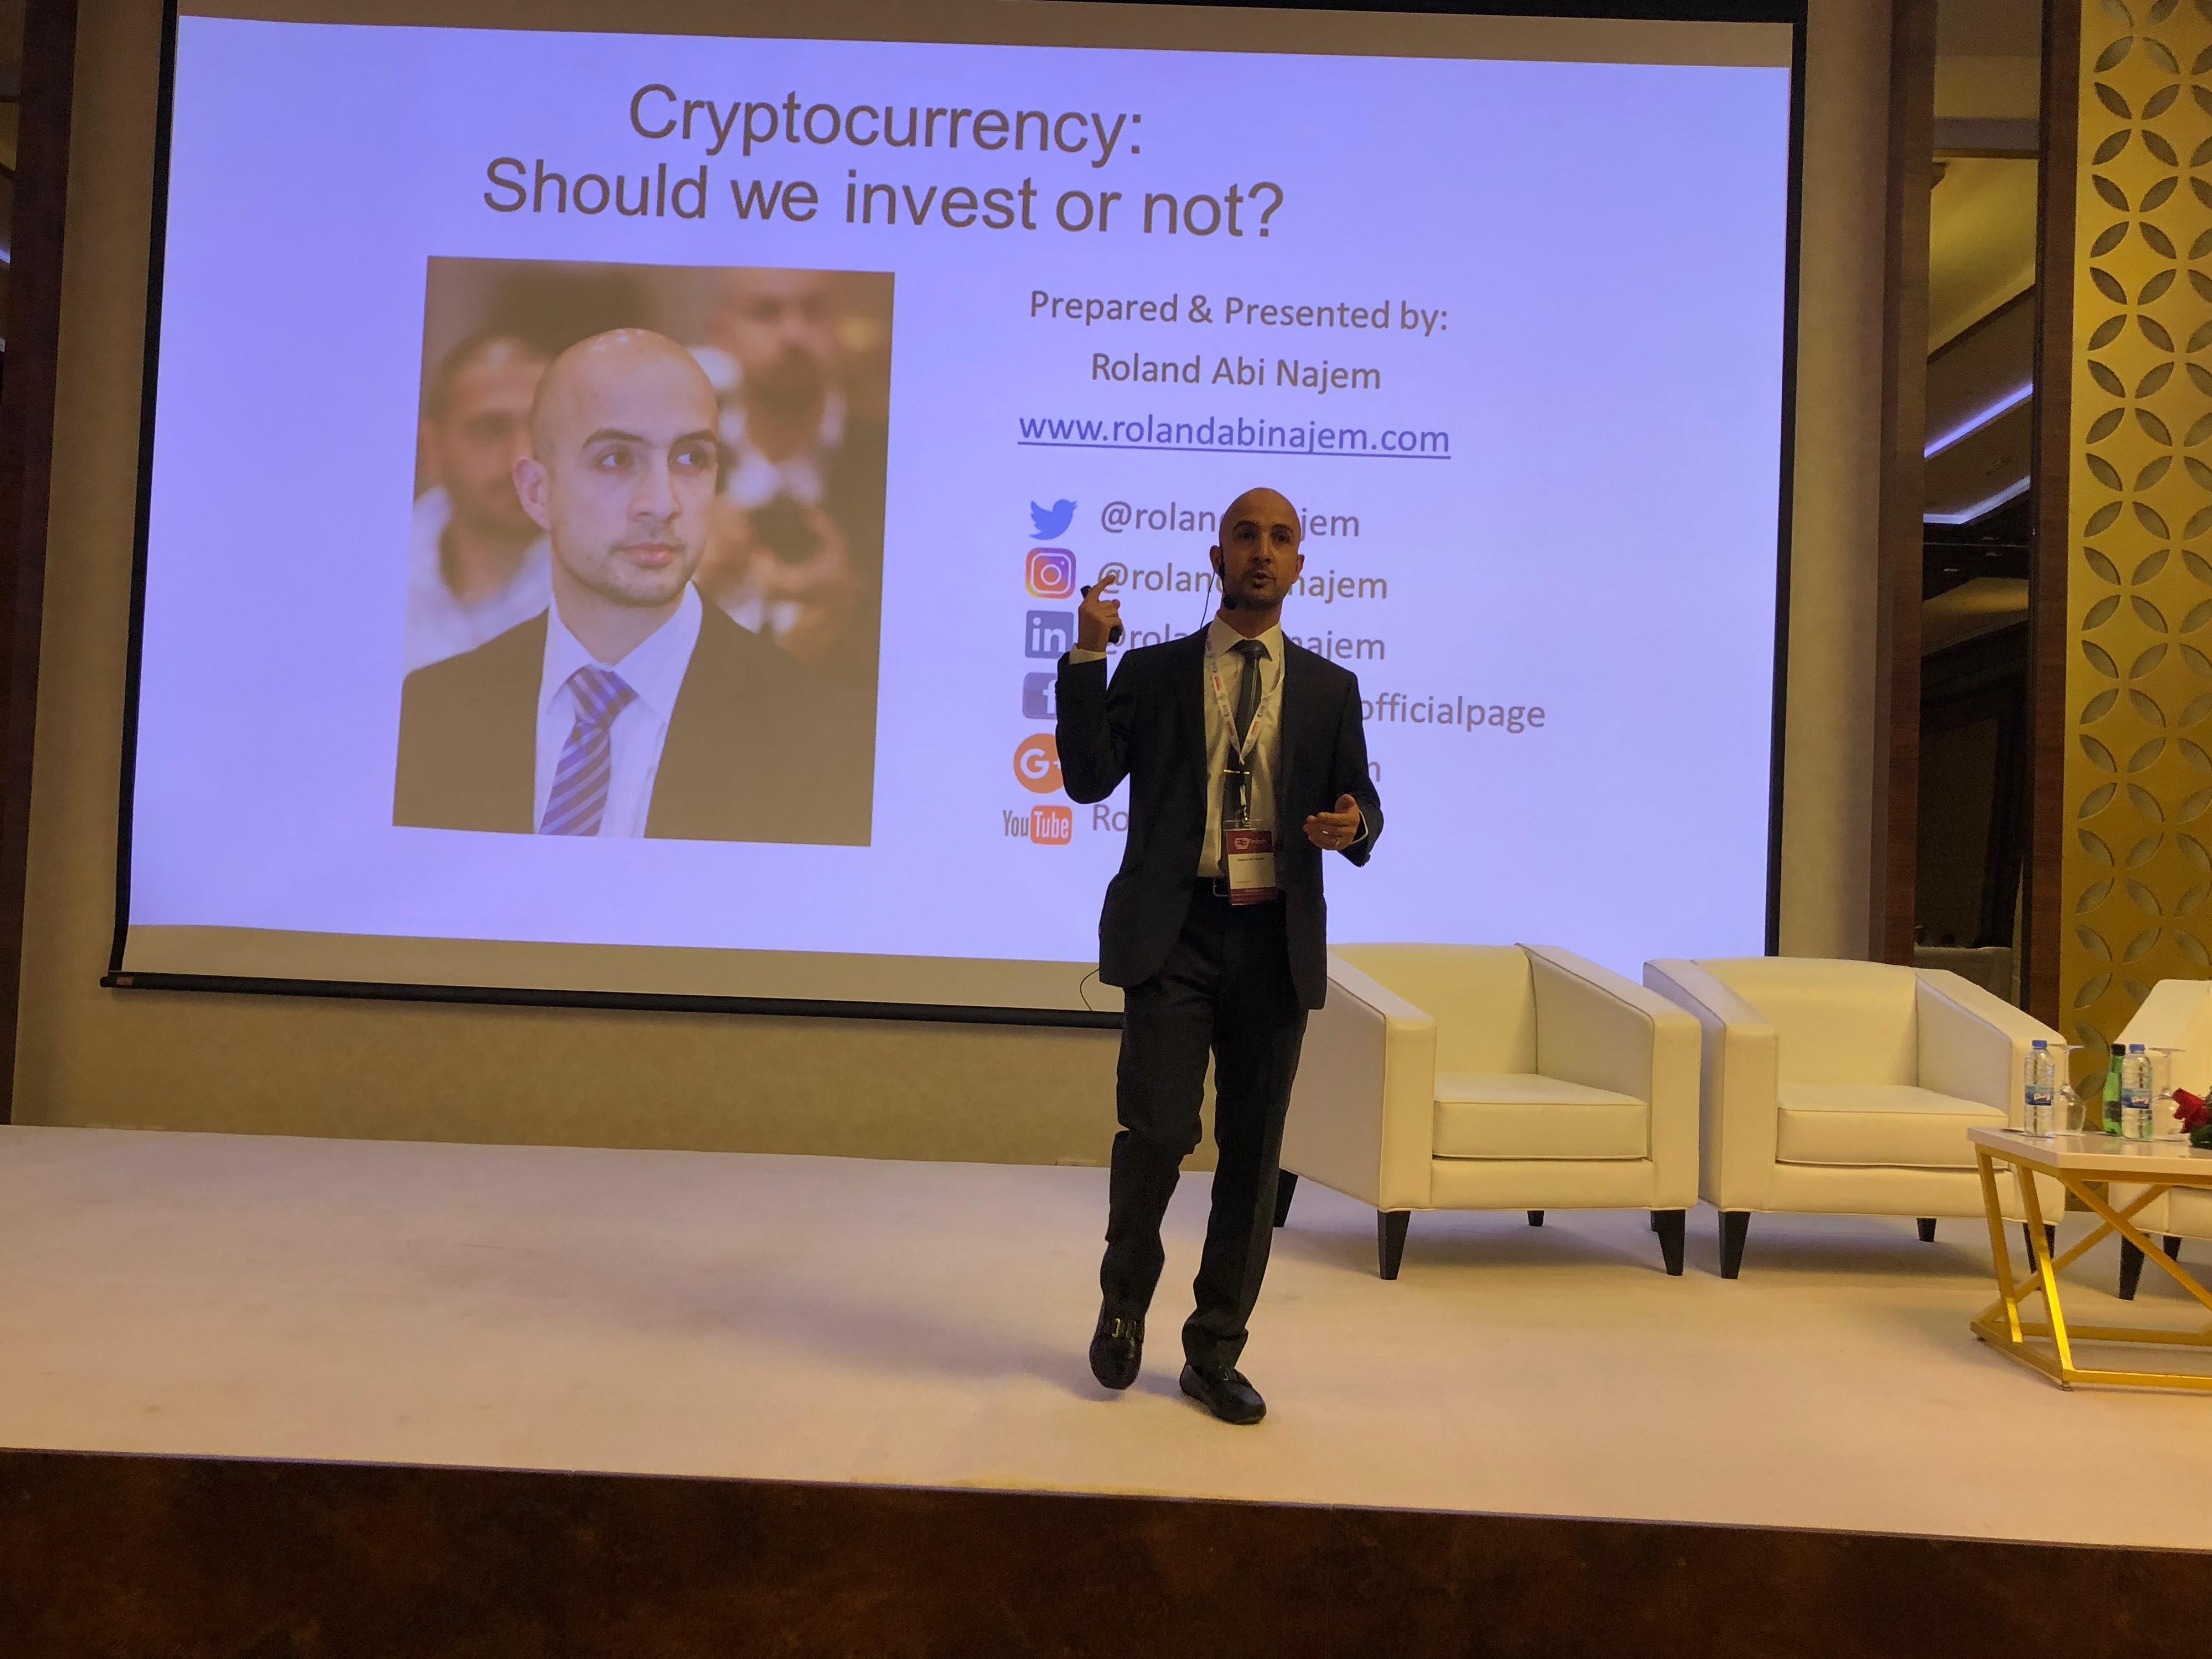 Roland-Abi-Najem-Speaker-Fintech-Cryptocurrency-Blockchain-Kuwait-5